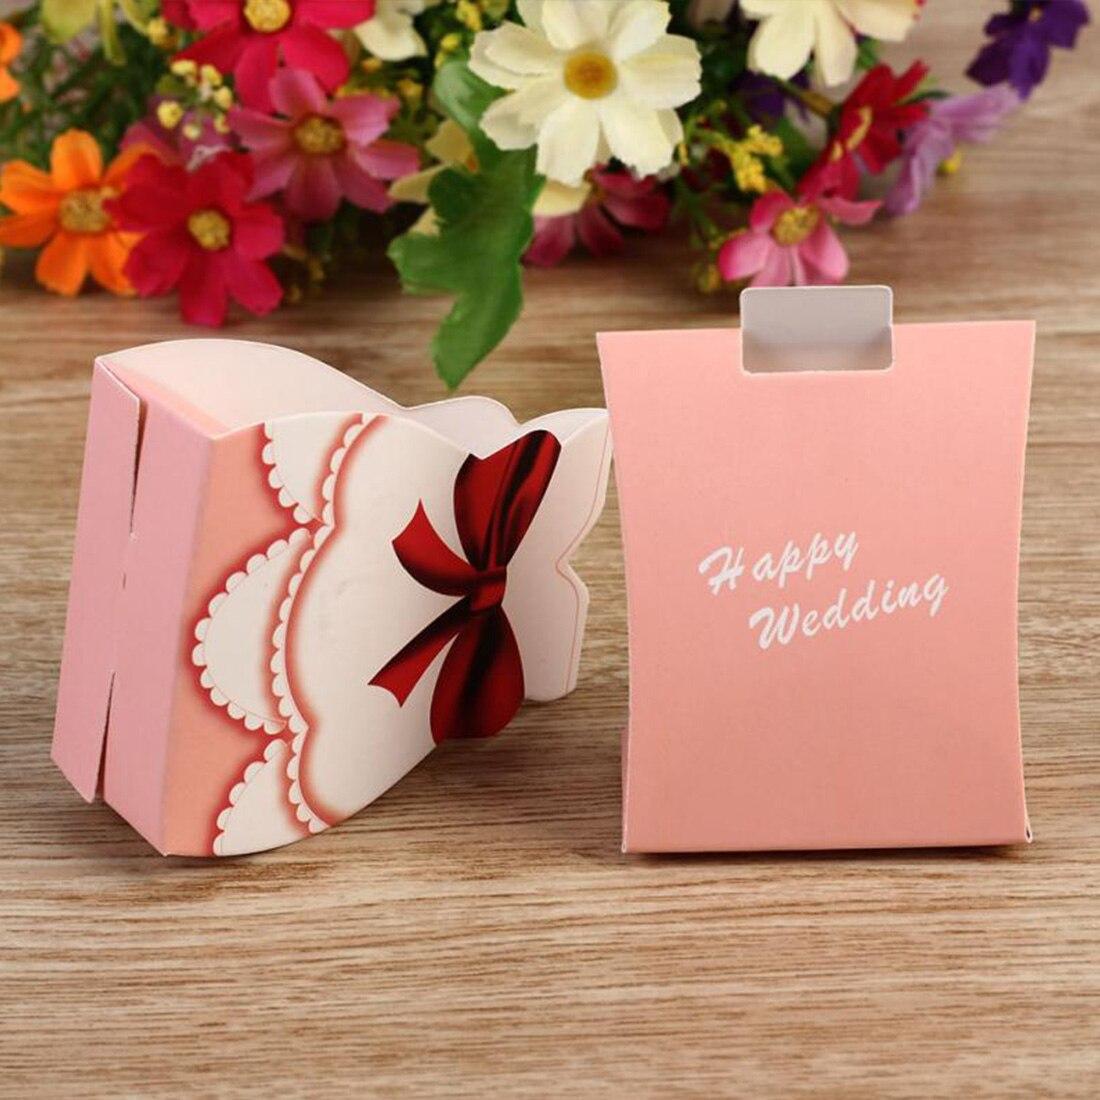 25m X 10mm Caja de Favor Boda Personalizado Cinta Invitación Bautizo